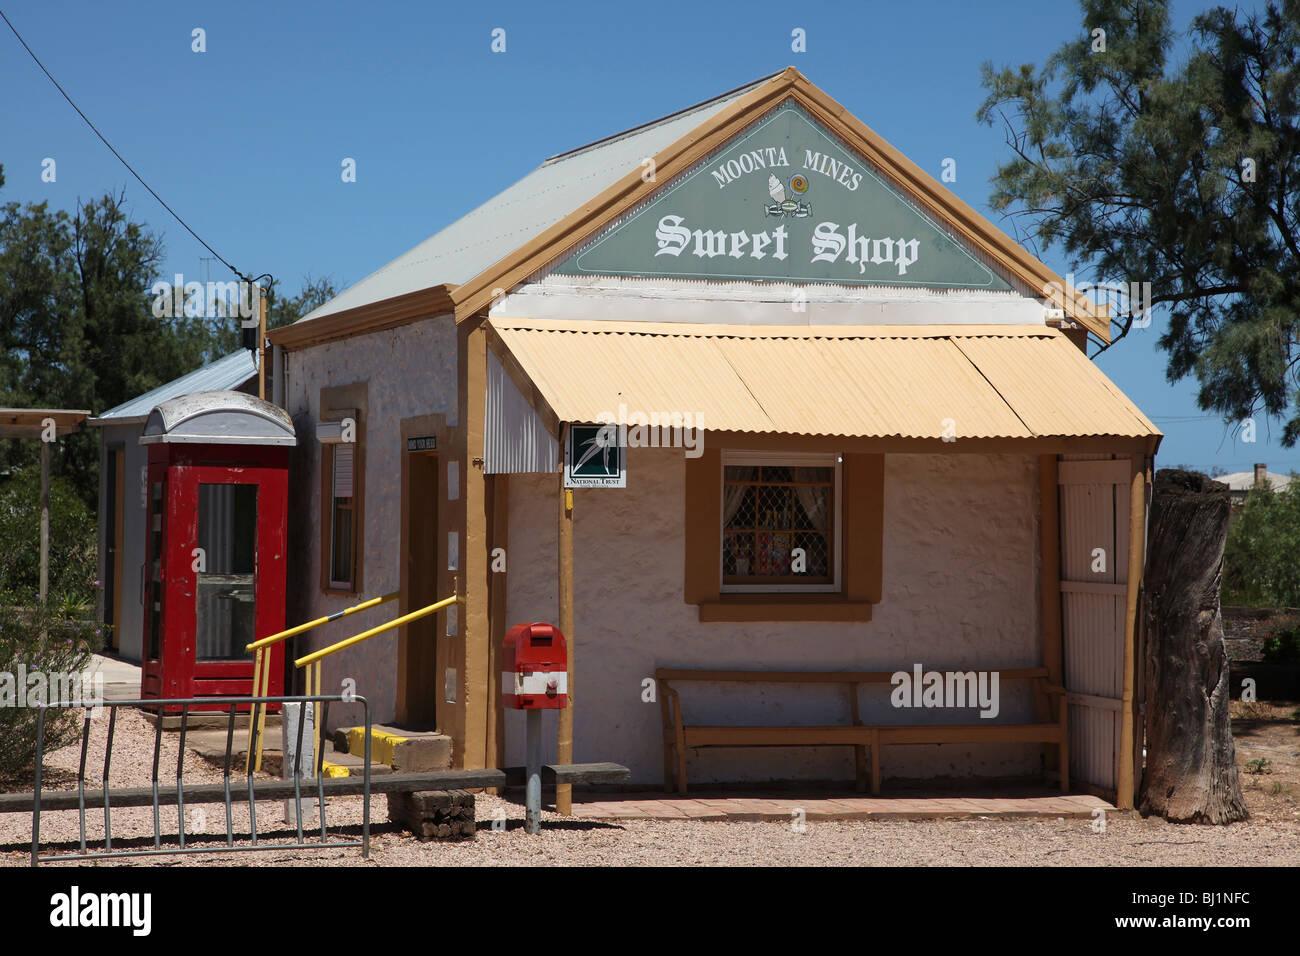 Moonta Mines Sweet Shop-SA-Australia - Stock Image